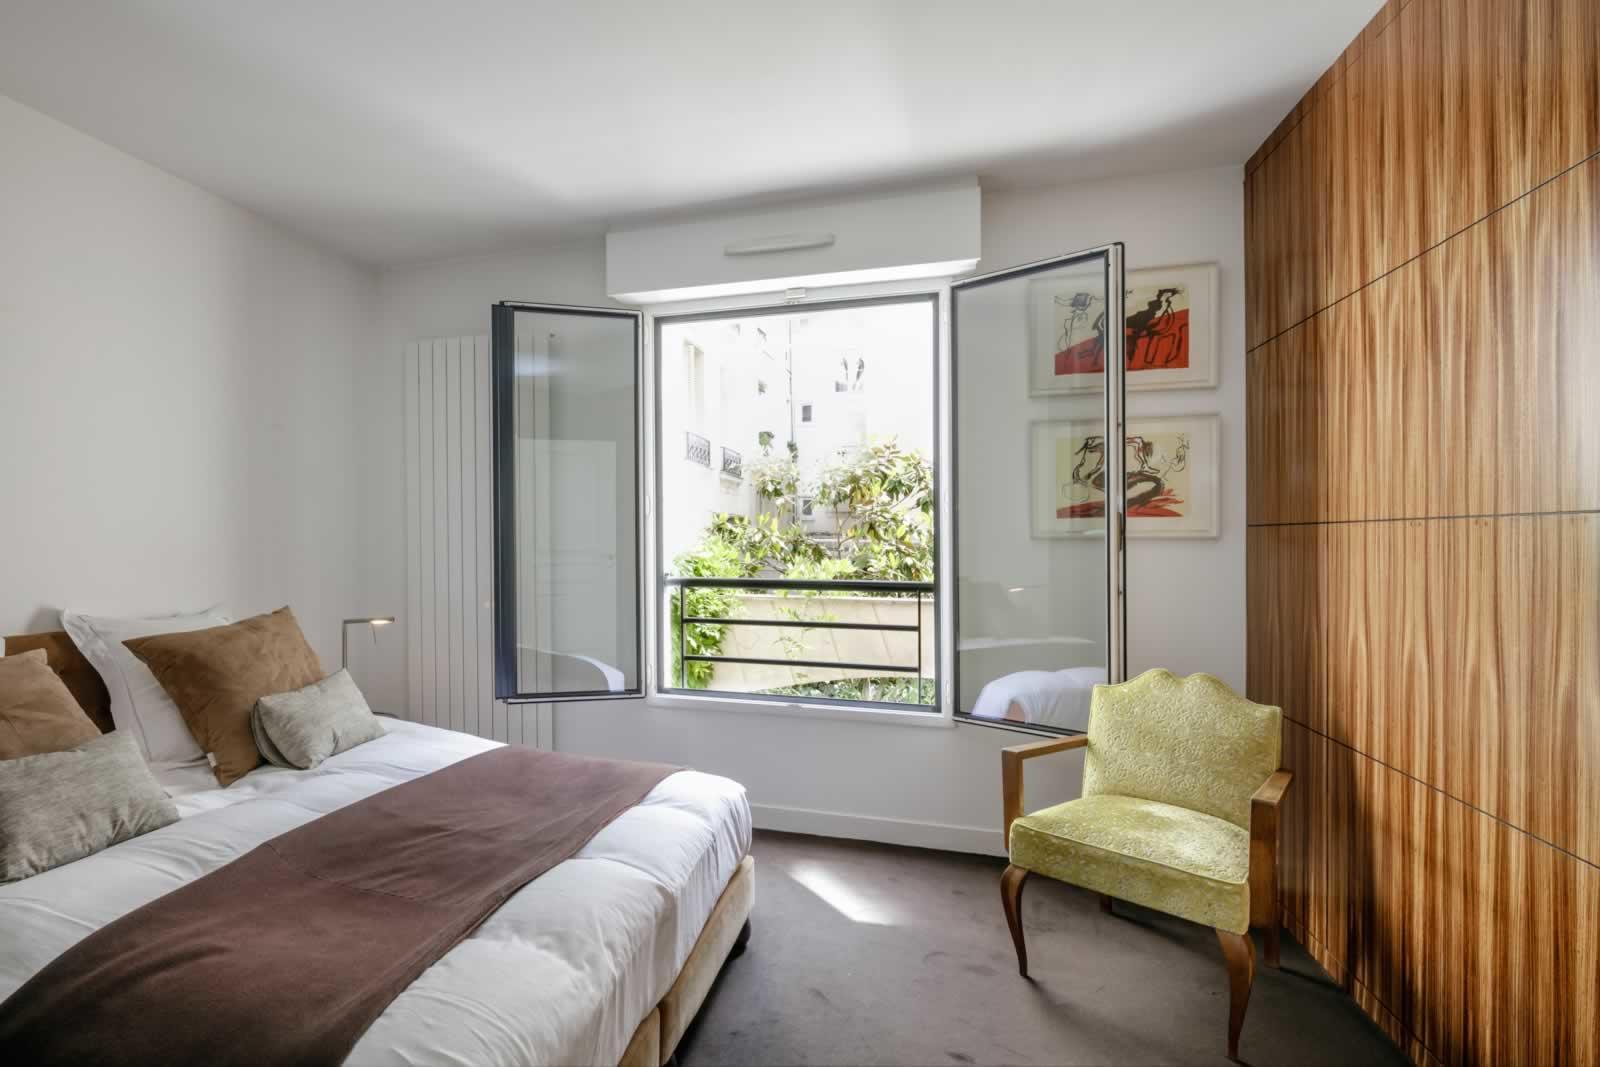 appartement-duplex-a-vendre-terrasses-buanderie-places-stationnement